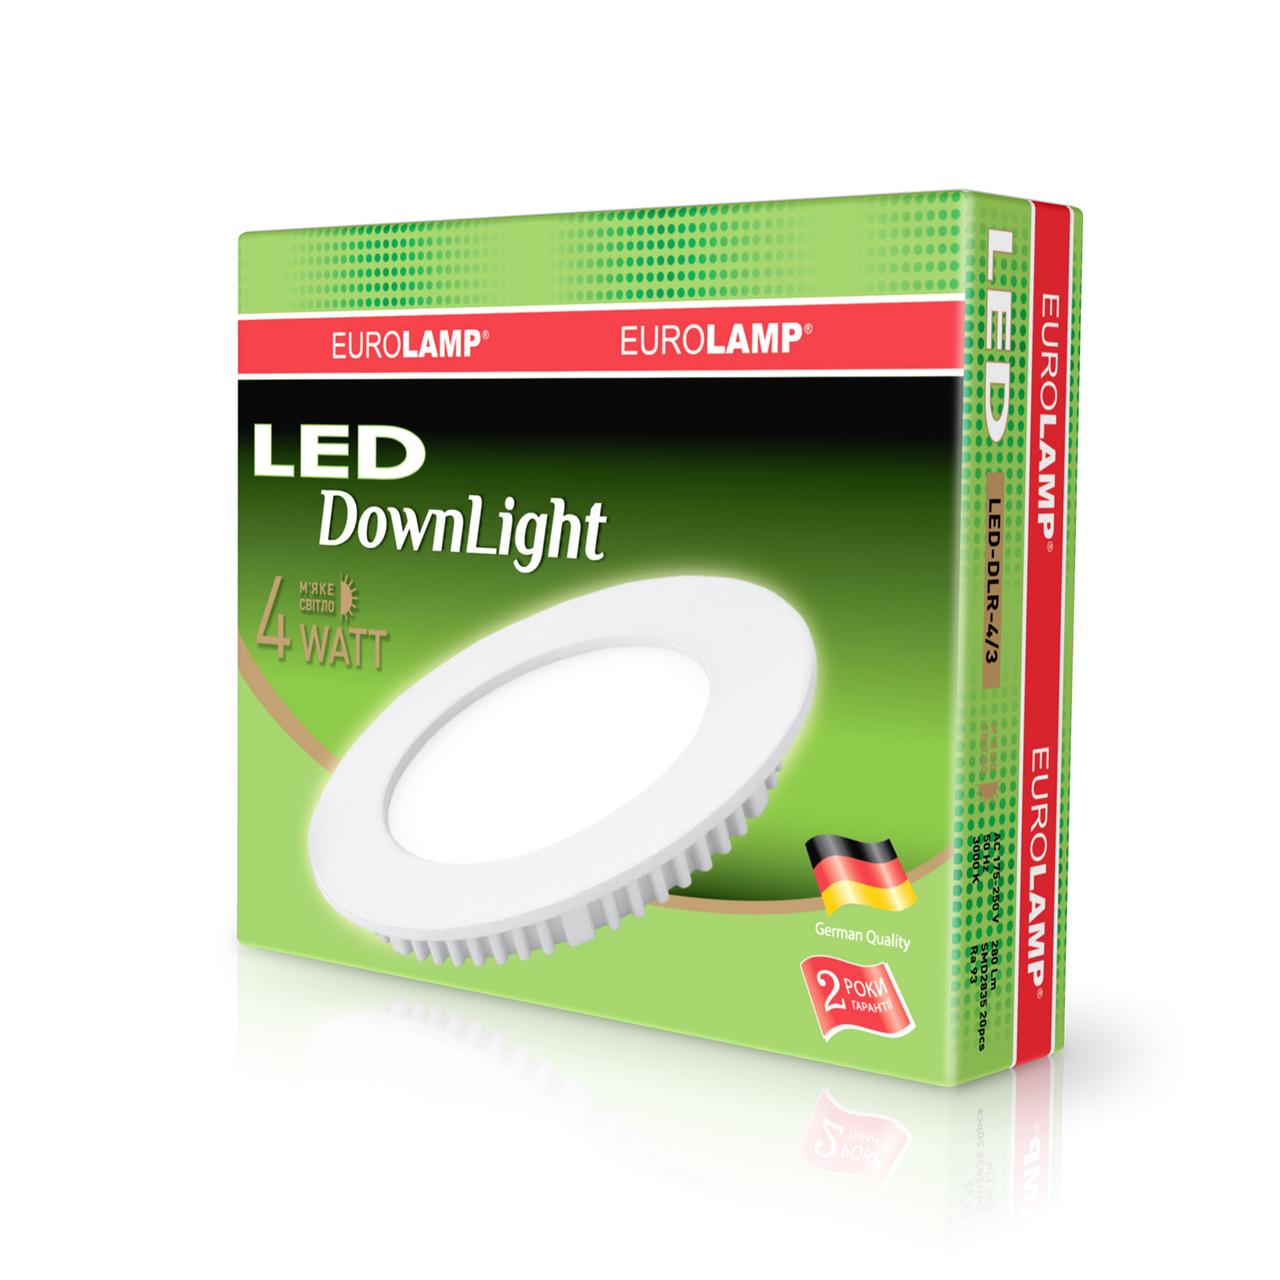 EUROLAMP LED Светильник круглый Downlight 4W 3000K 220V